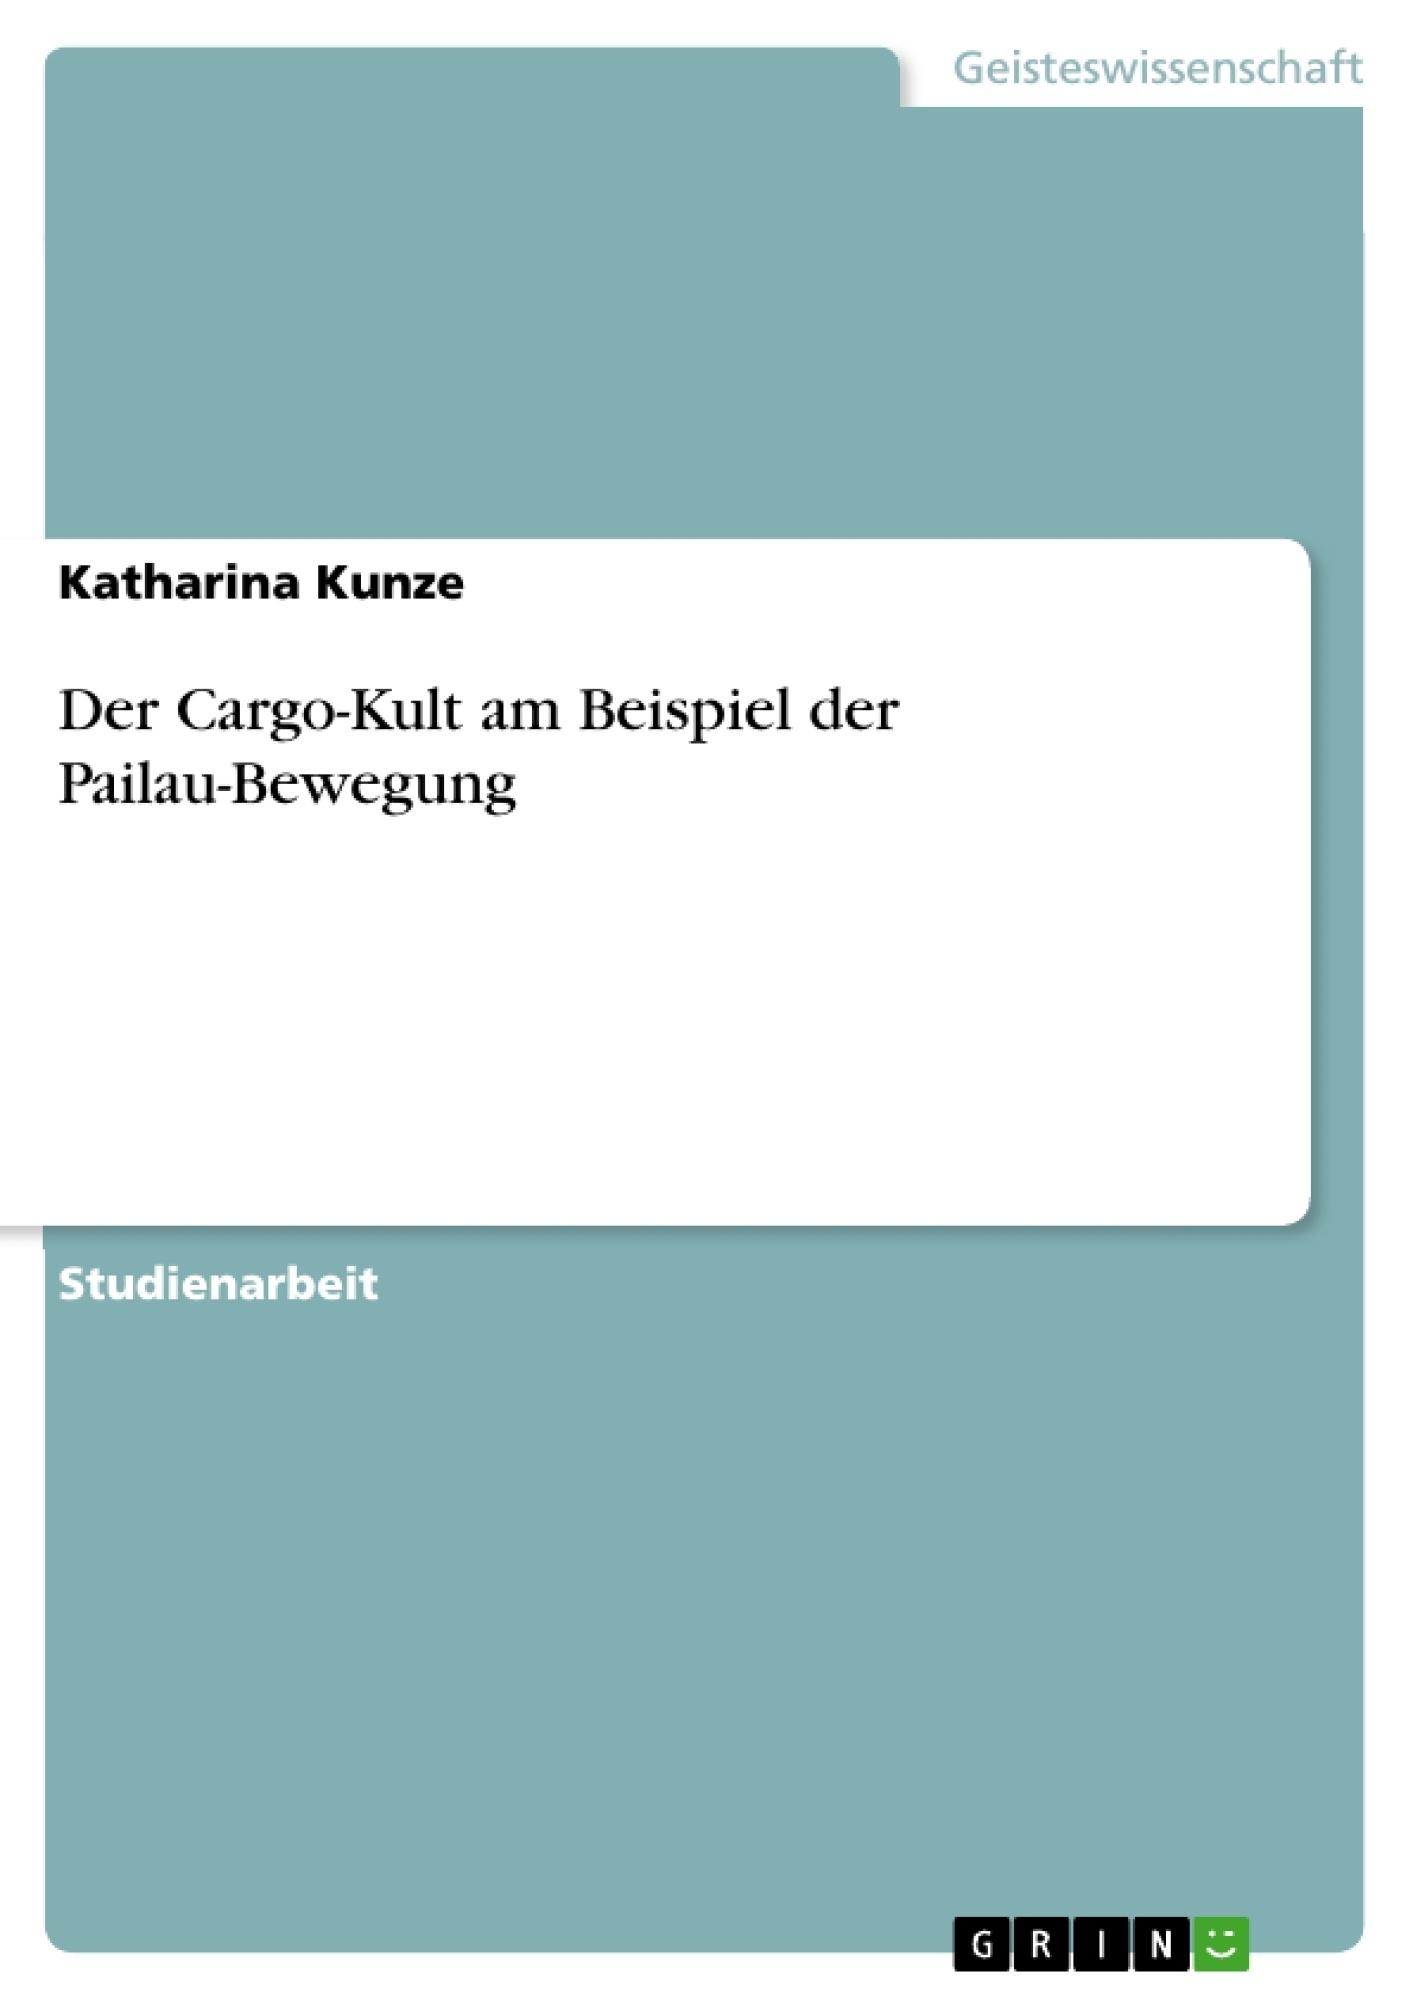 Titel: Der Cargo-Kult am Beispiel der Pailau-Bewegung